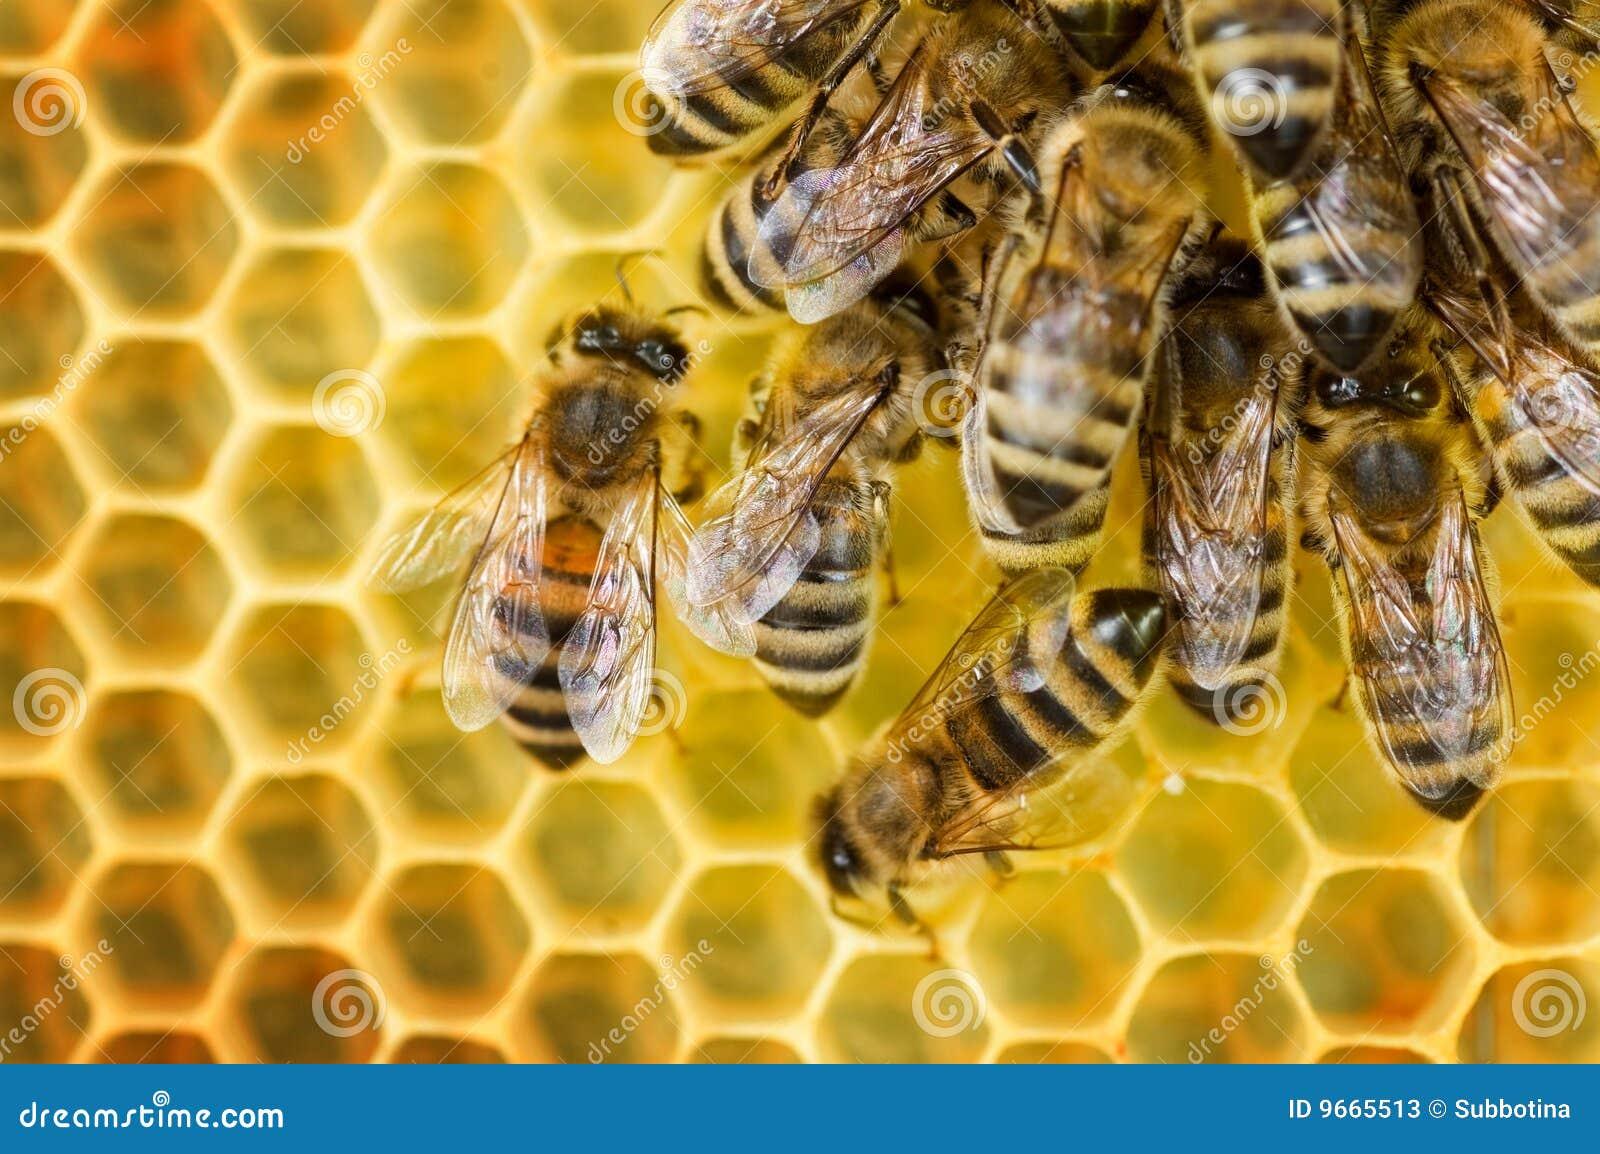 Ouvrier de nid d 39 abeilles d 39 abeilles image stock image du abeilles palpeur 9665513 - Nid d abeille gravier ...